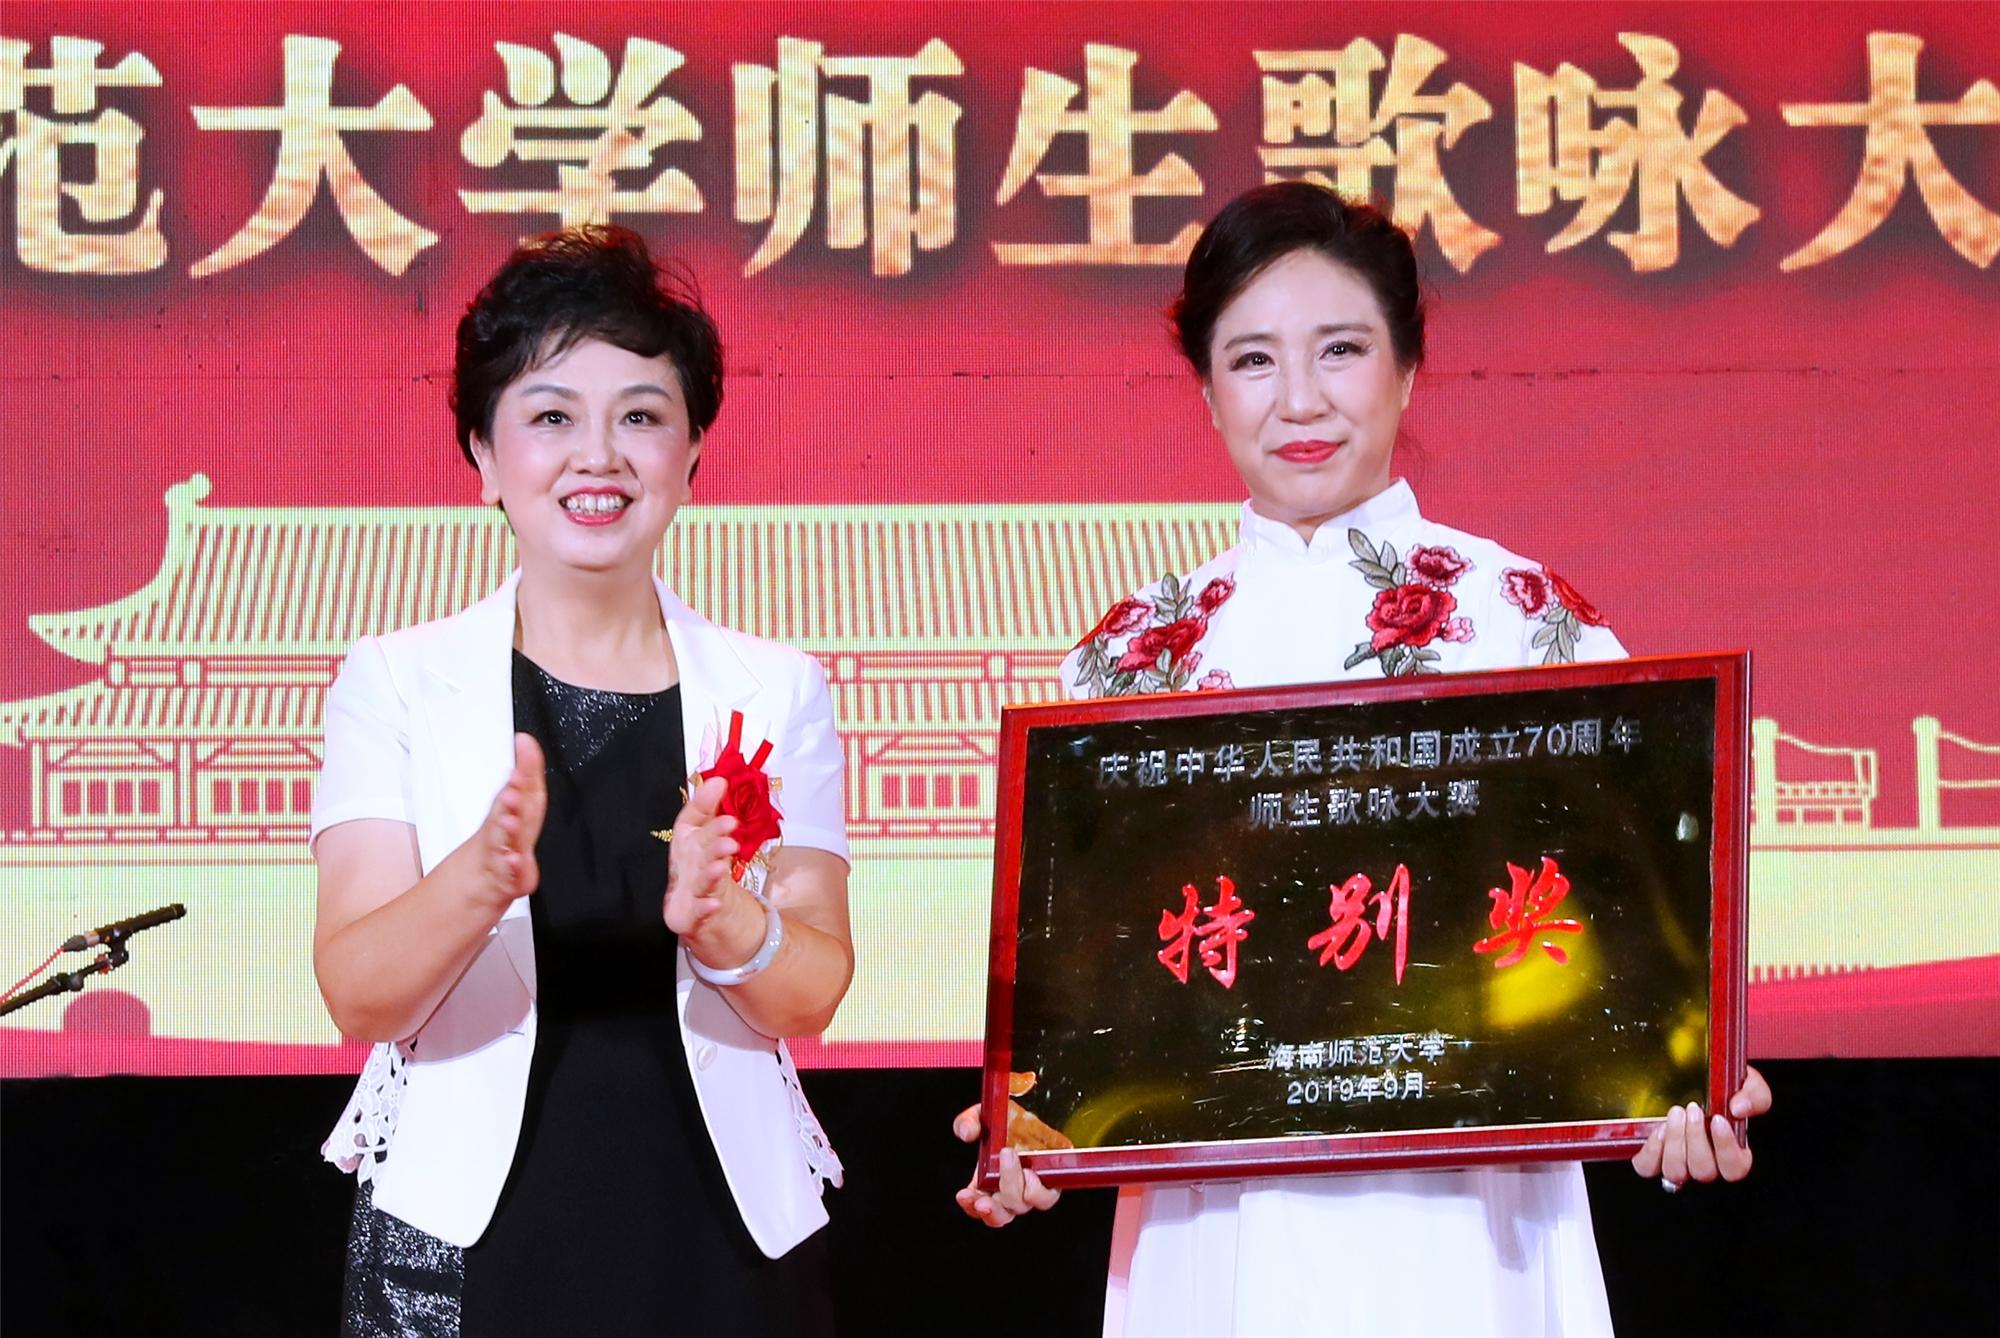 时时彩苹果版注册举办庆祝中华人民共和国成立70周年师生歌咏大赛